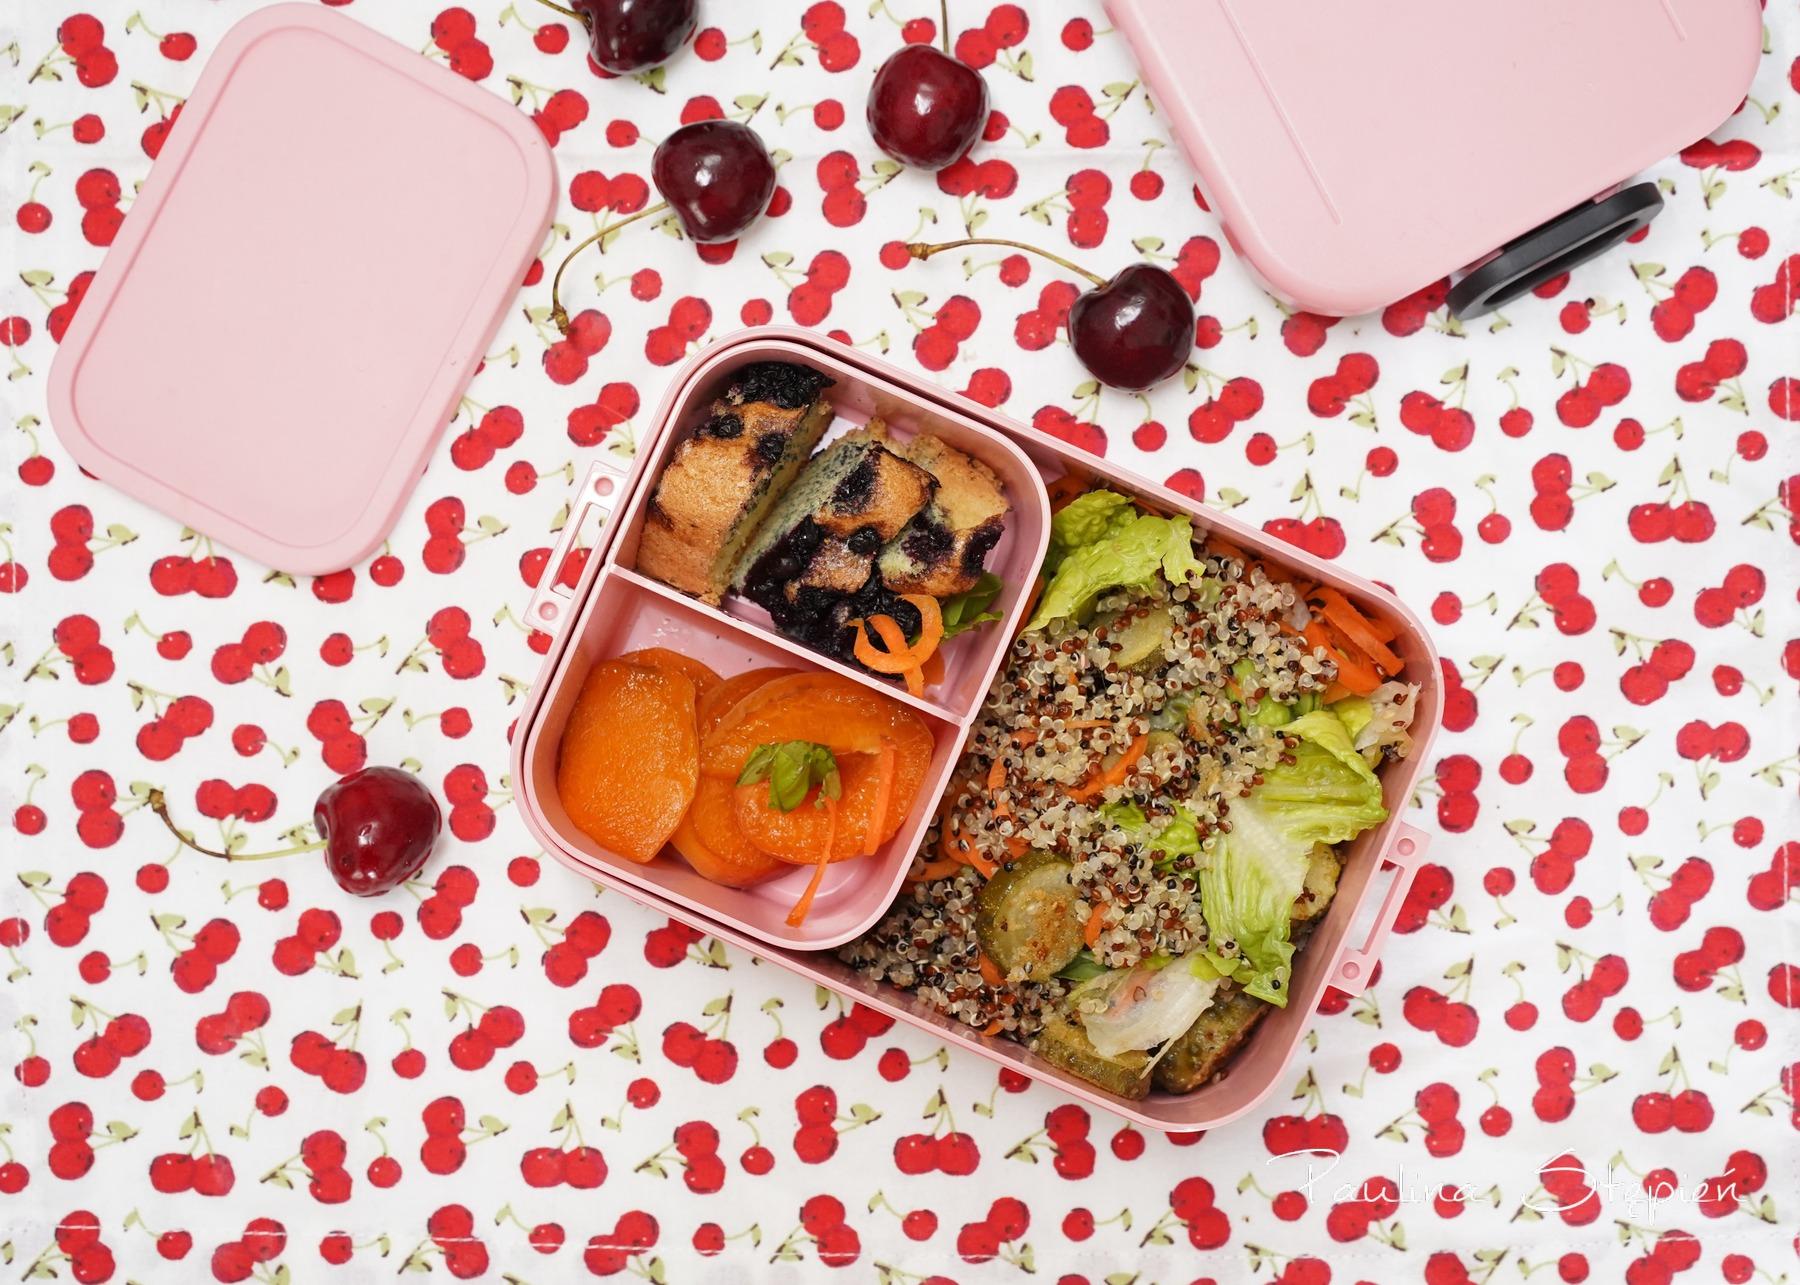 A reszta pudełka pomieści danie obiadowe i przekąski